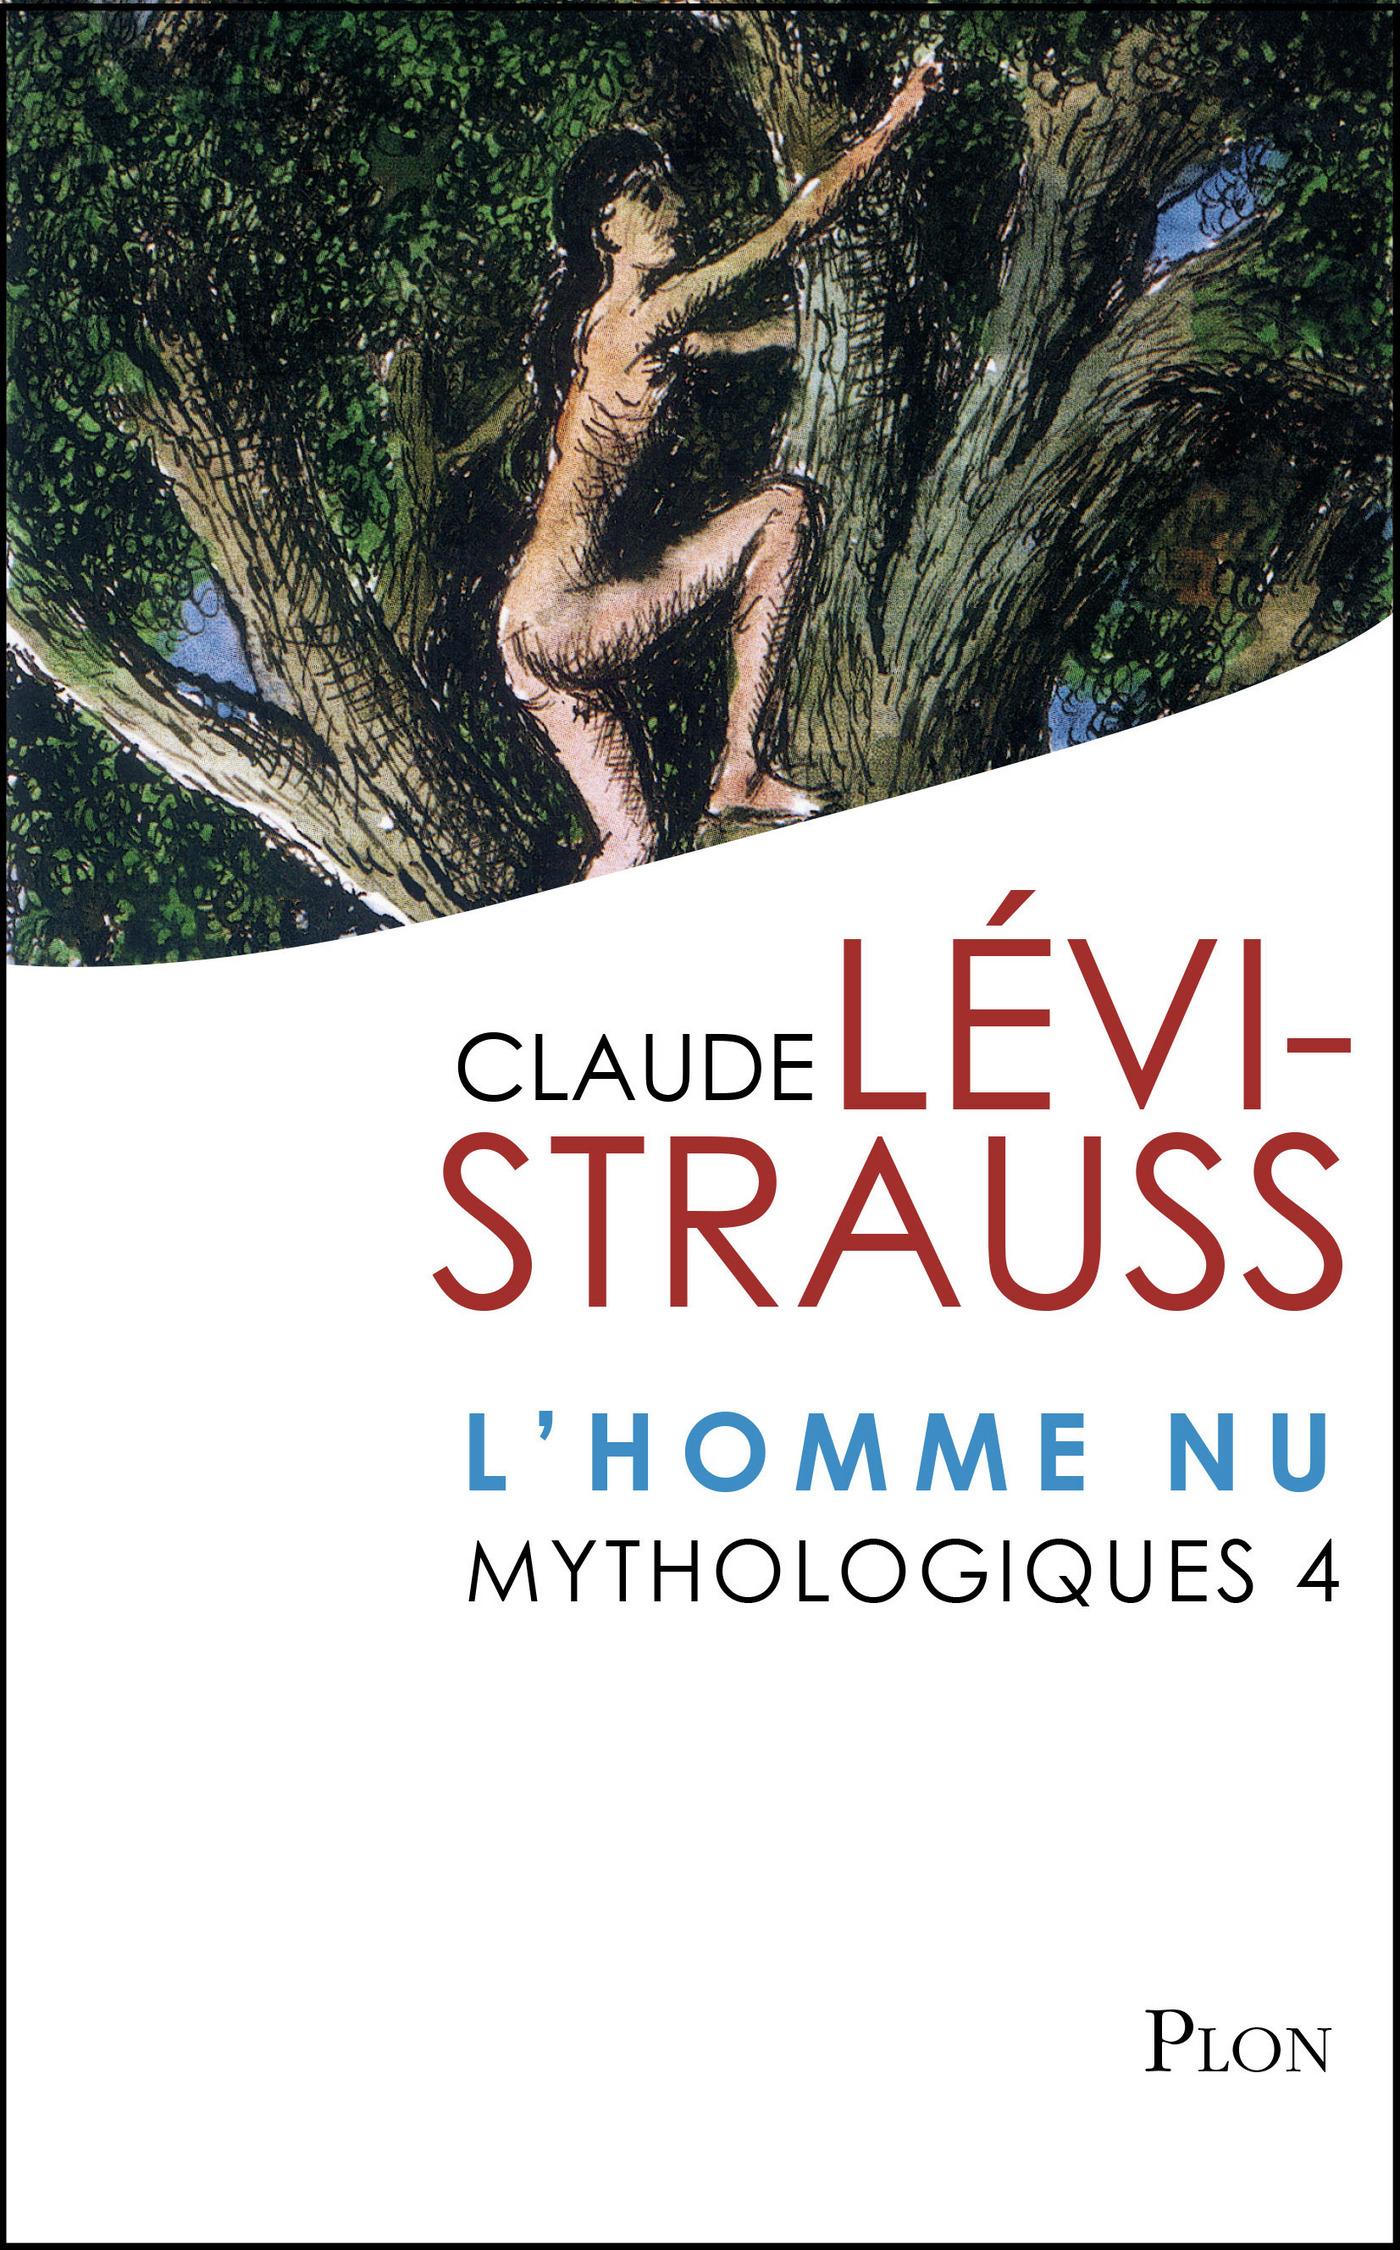 Mythologiques 4 : L'homme nu (ebook)